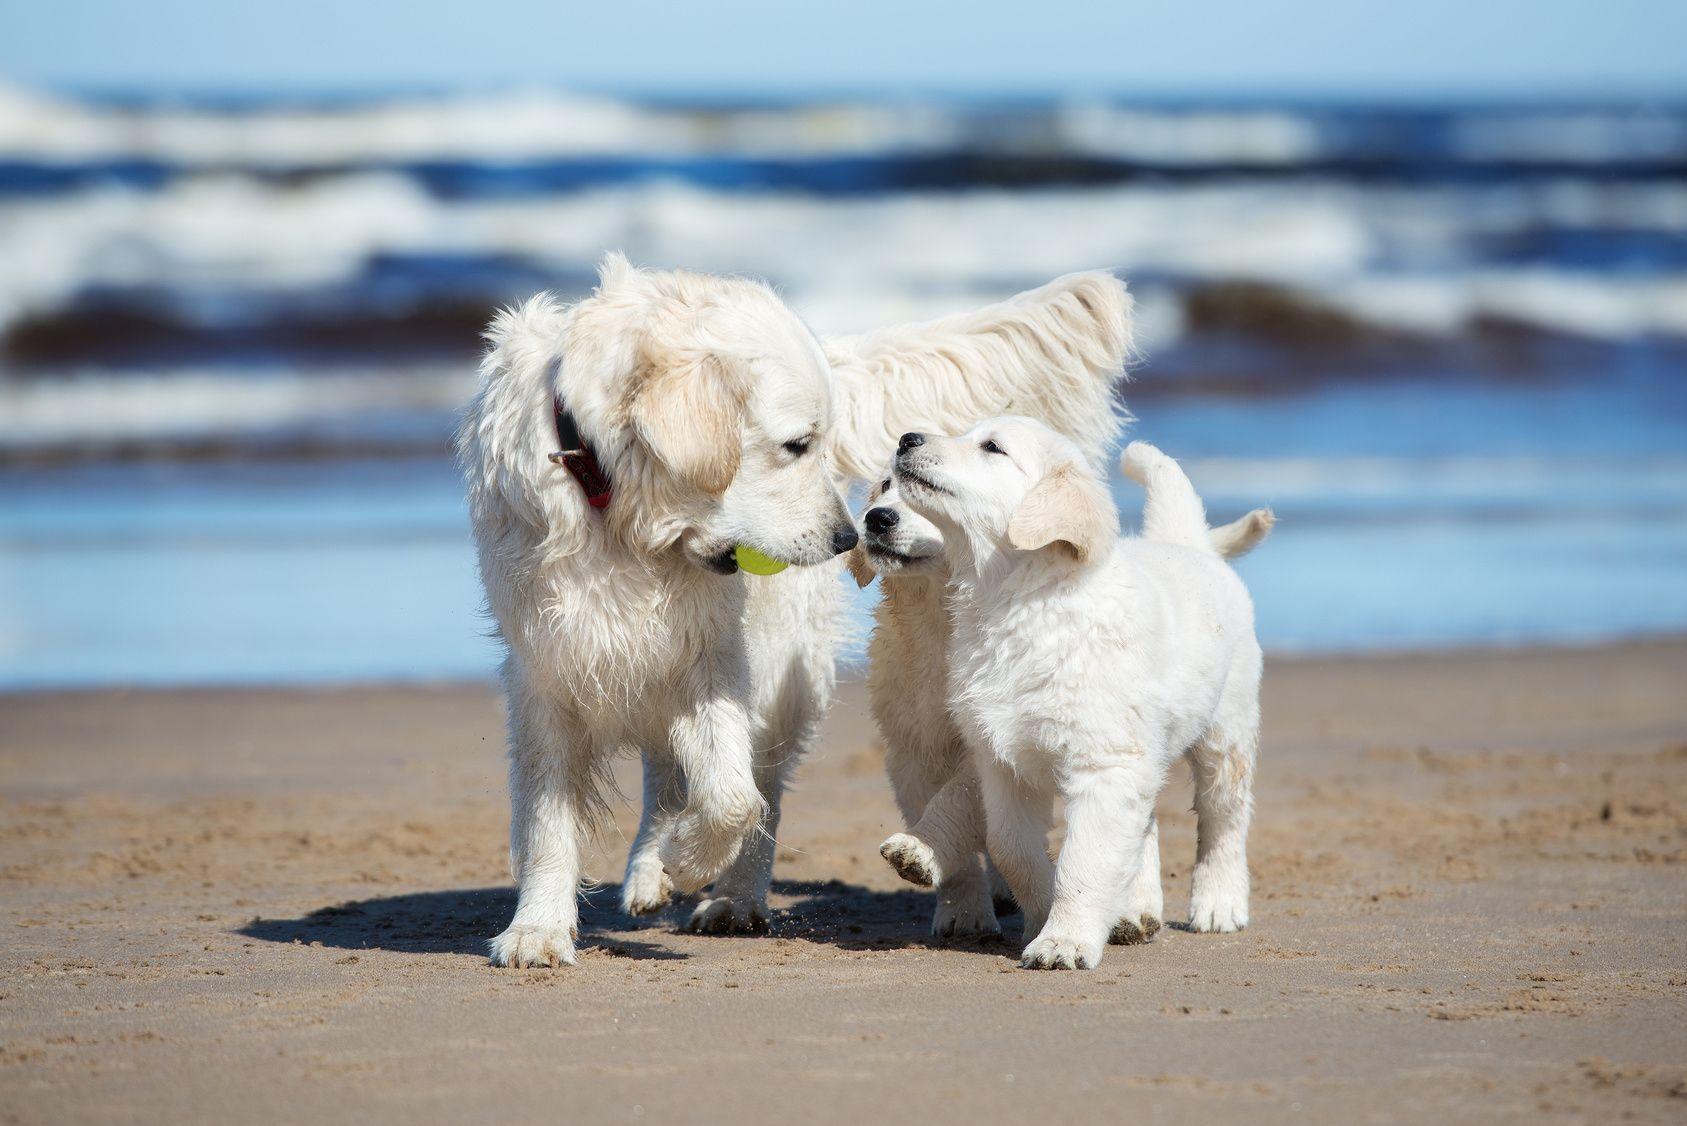 次の週末に訪れたい!ワンちゃんと楽しめる関東のビーチはココ!